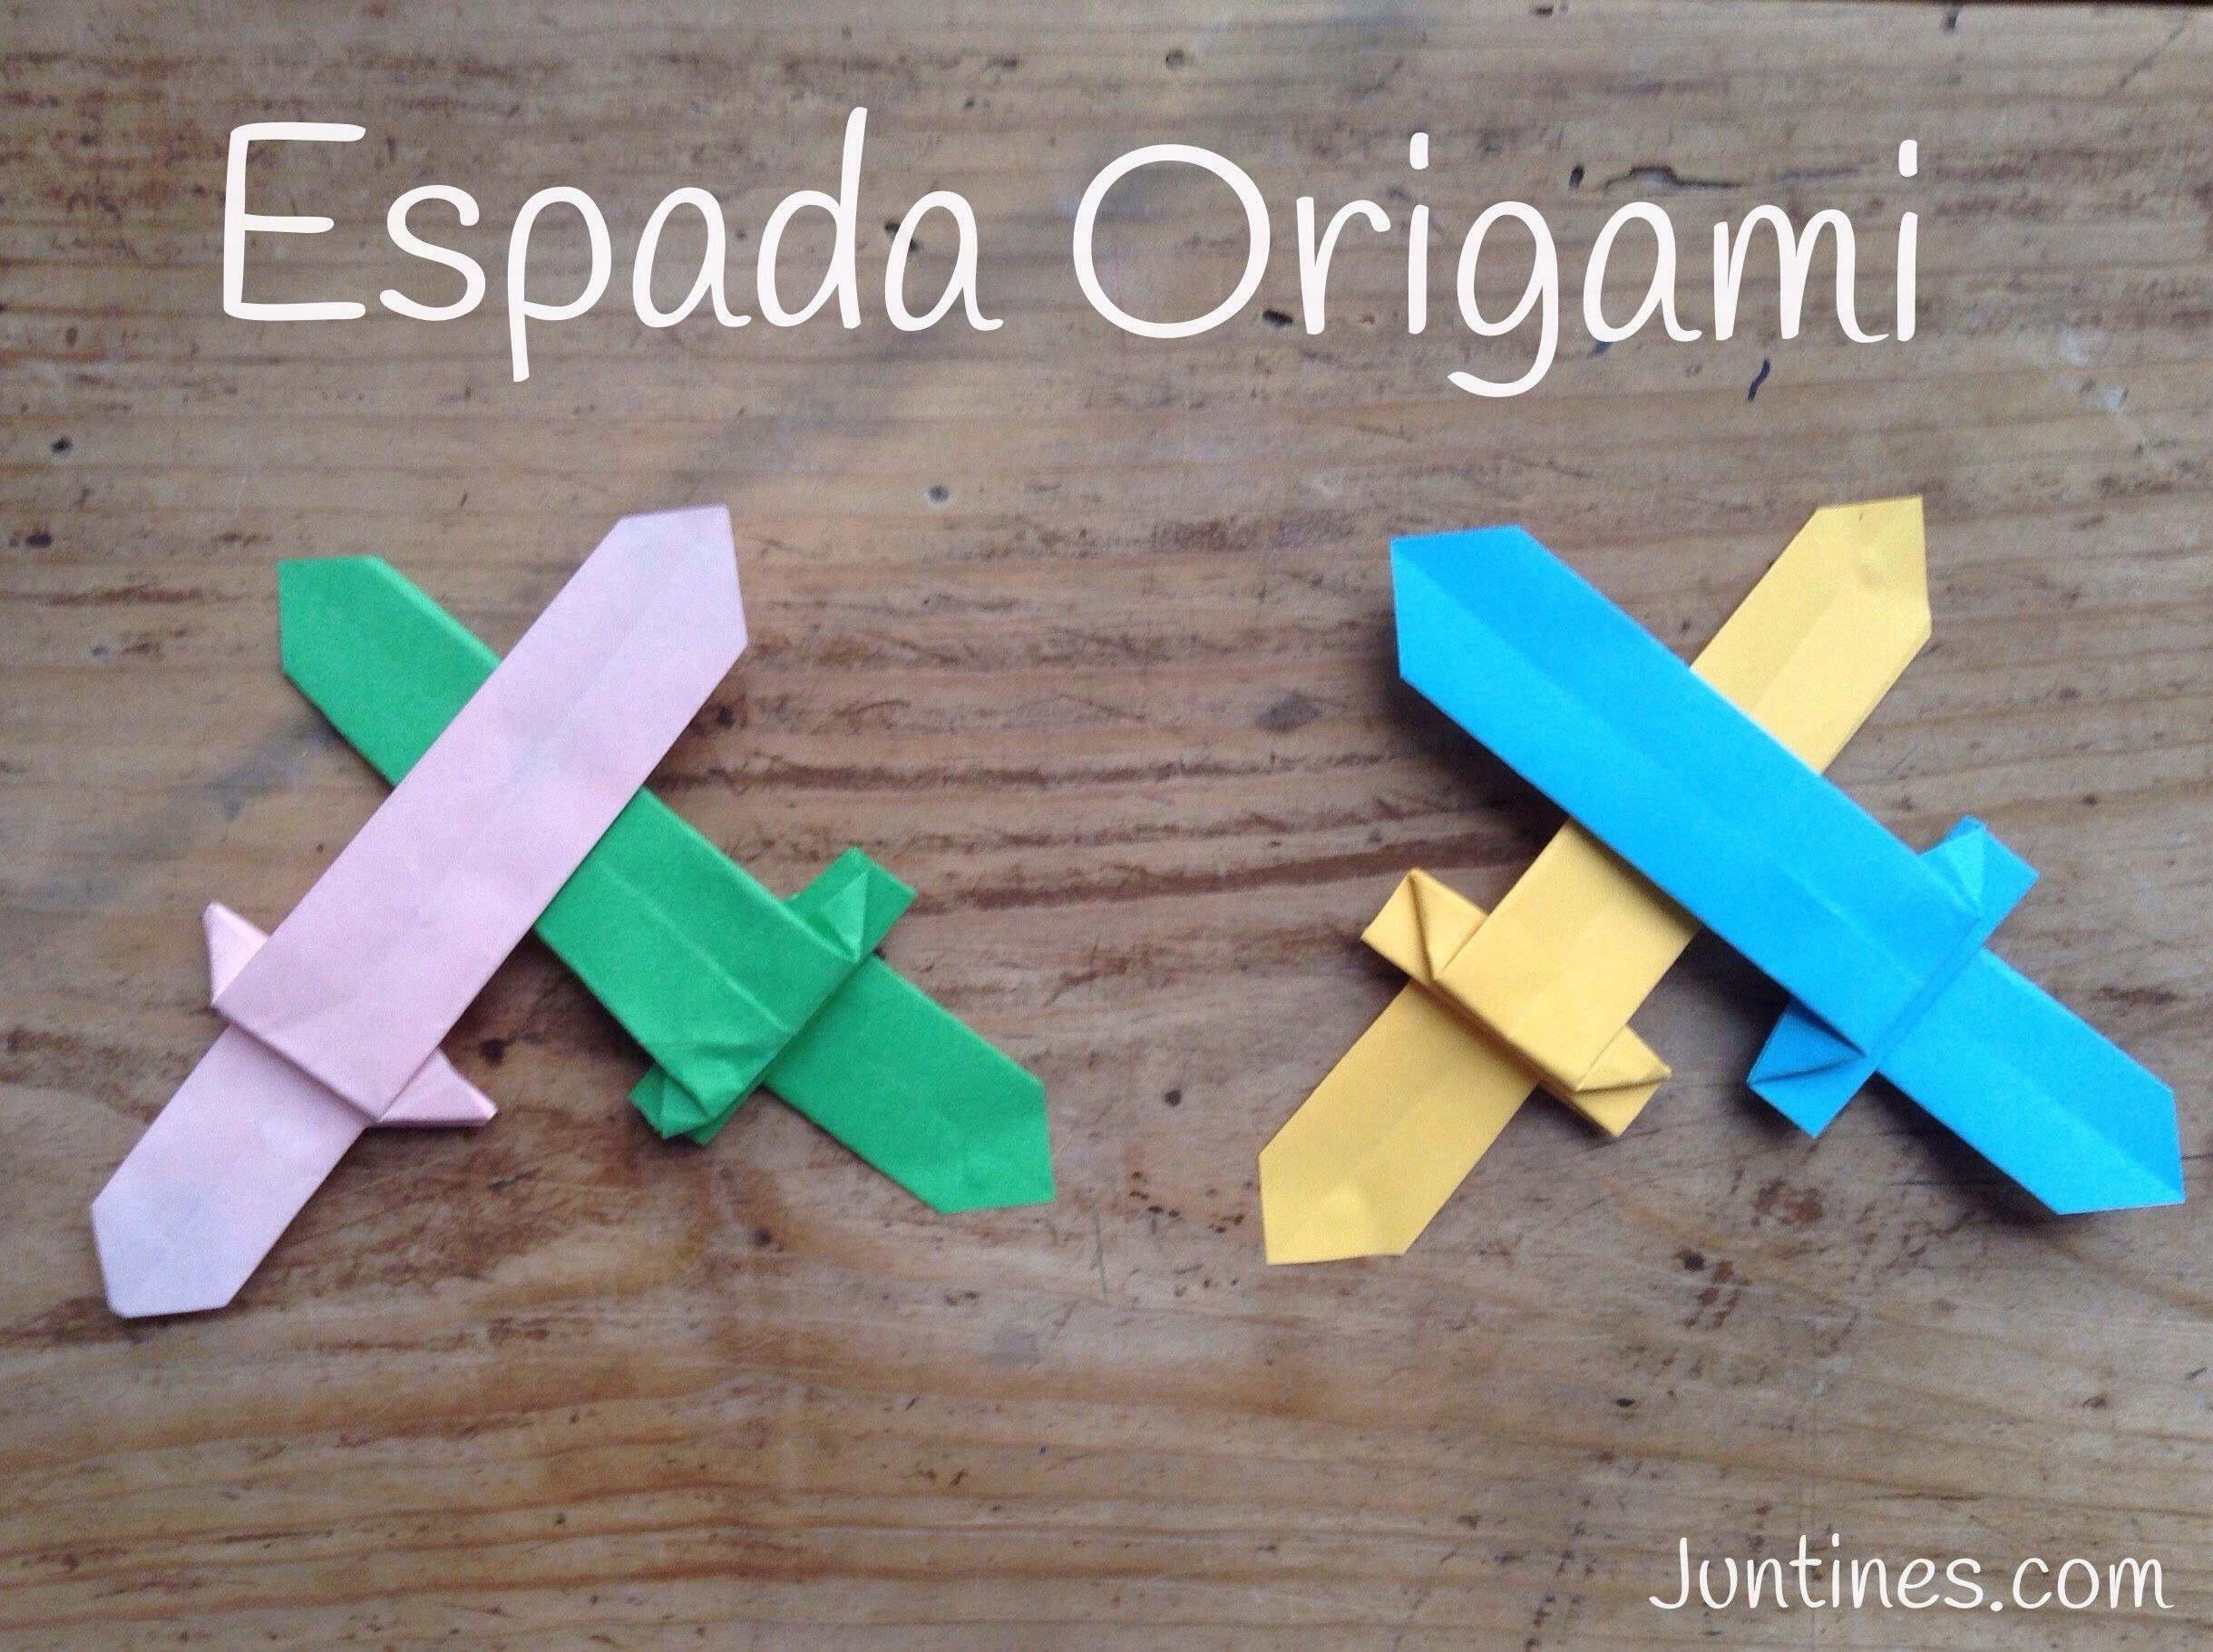 Mejores 27 imgenes de Origami para nios Origami for Kids en